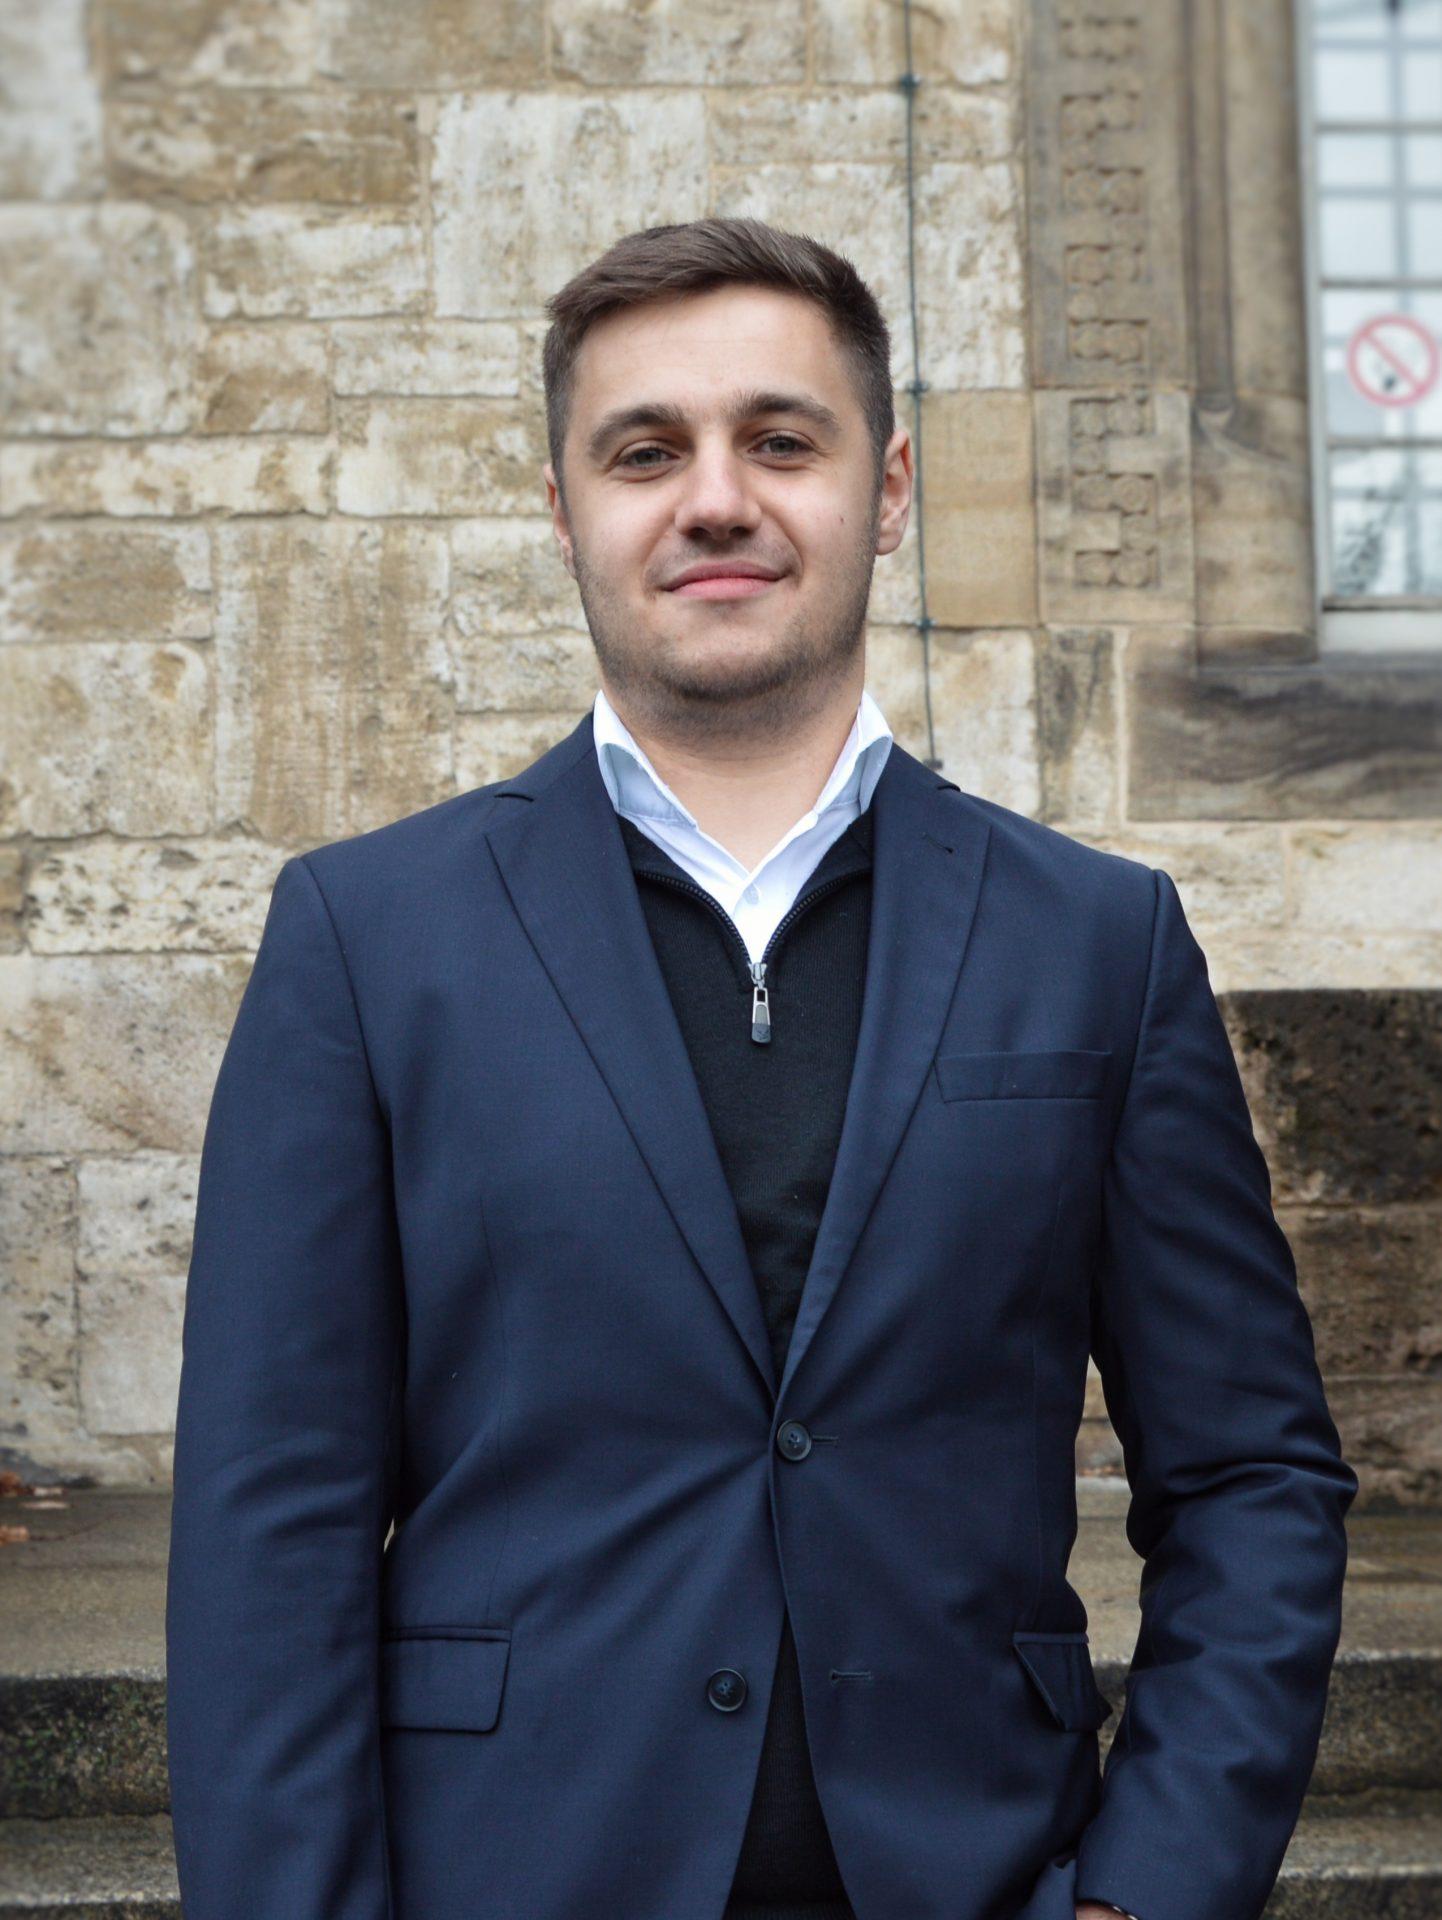 Lukas Simetsky